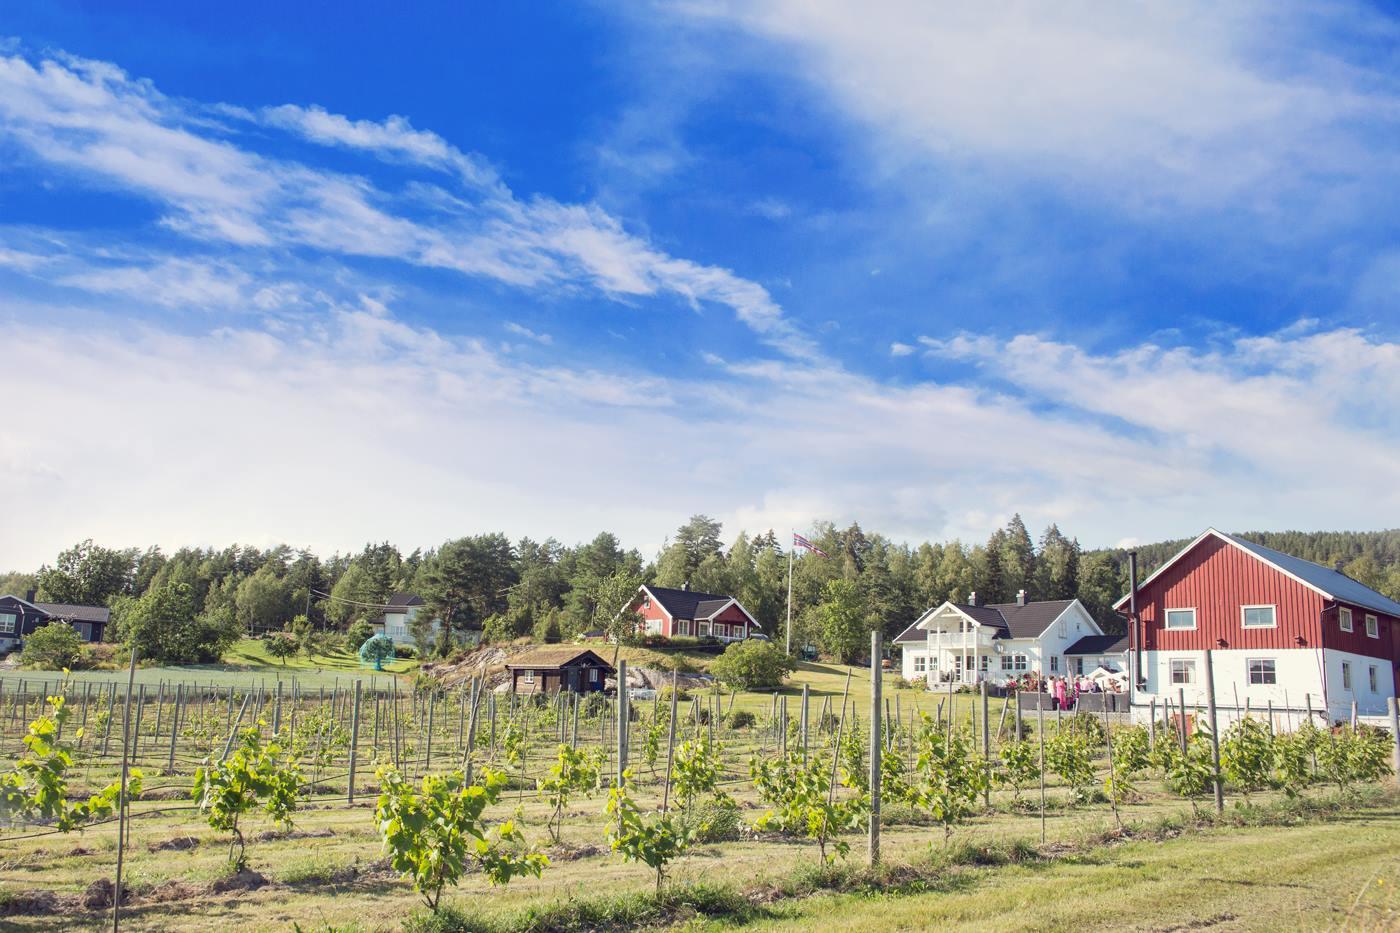 Idylliske omgivelser på norsk vingård.